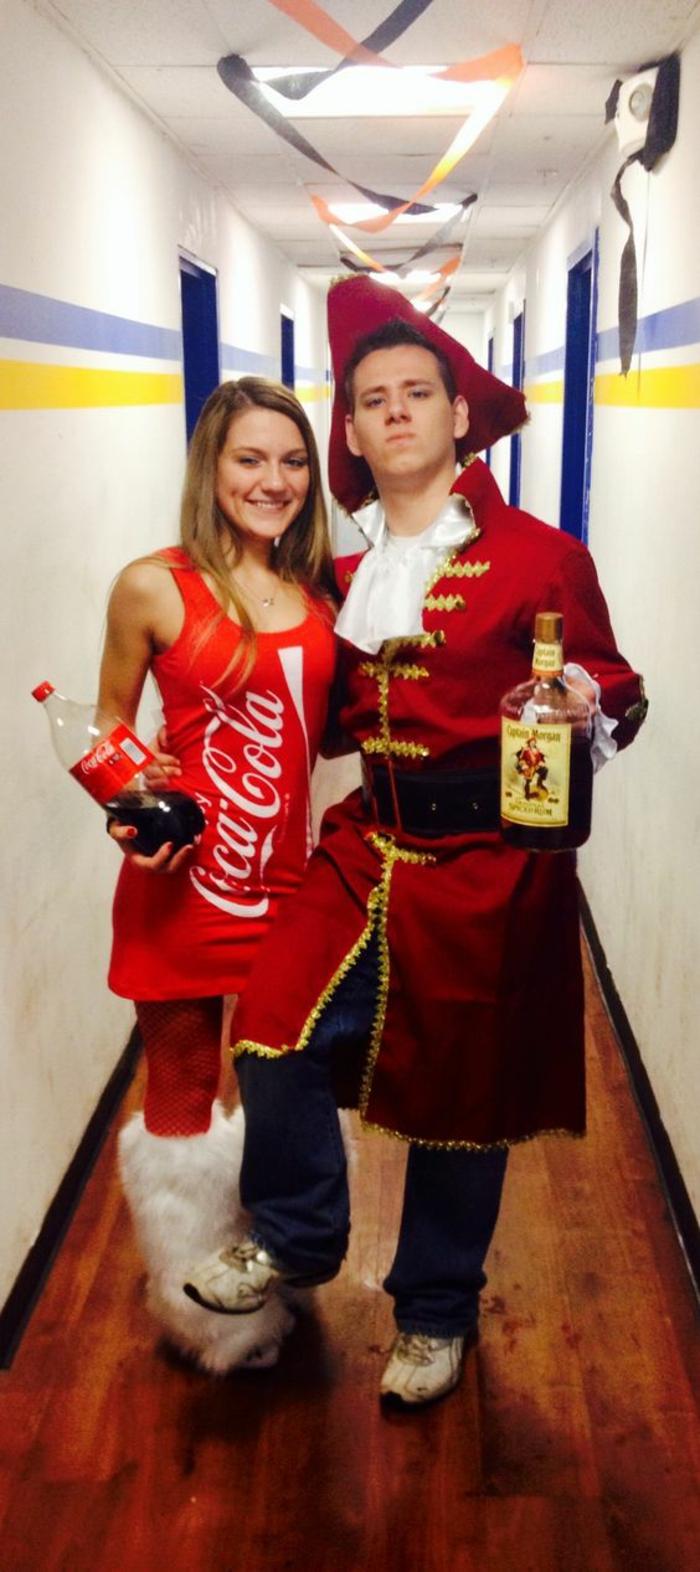 Kostüme selber machen für den Fasching in der Schule - alkoholische und alkoholfreie Getränke Kostüme